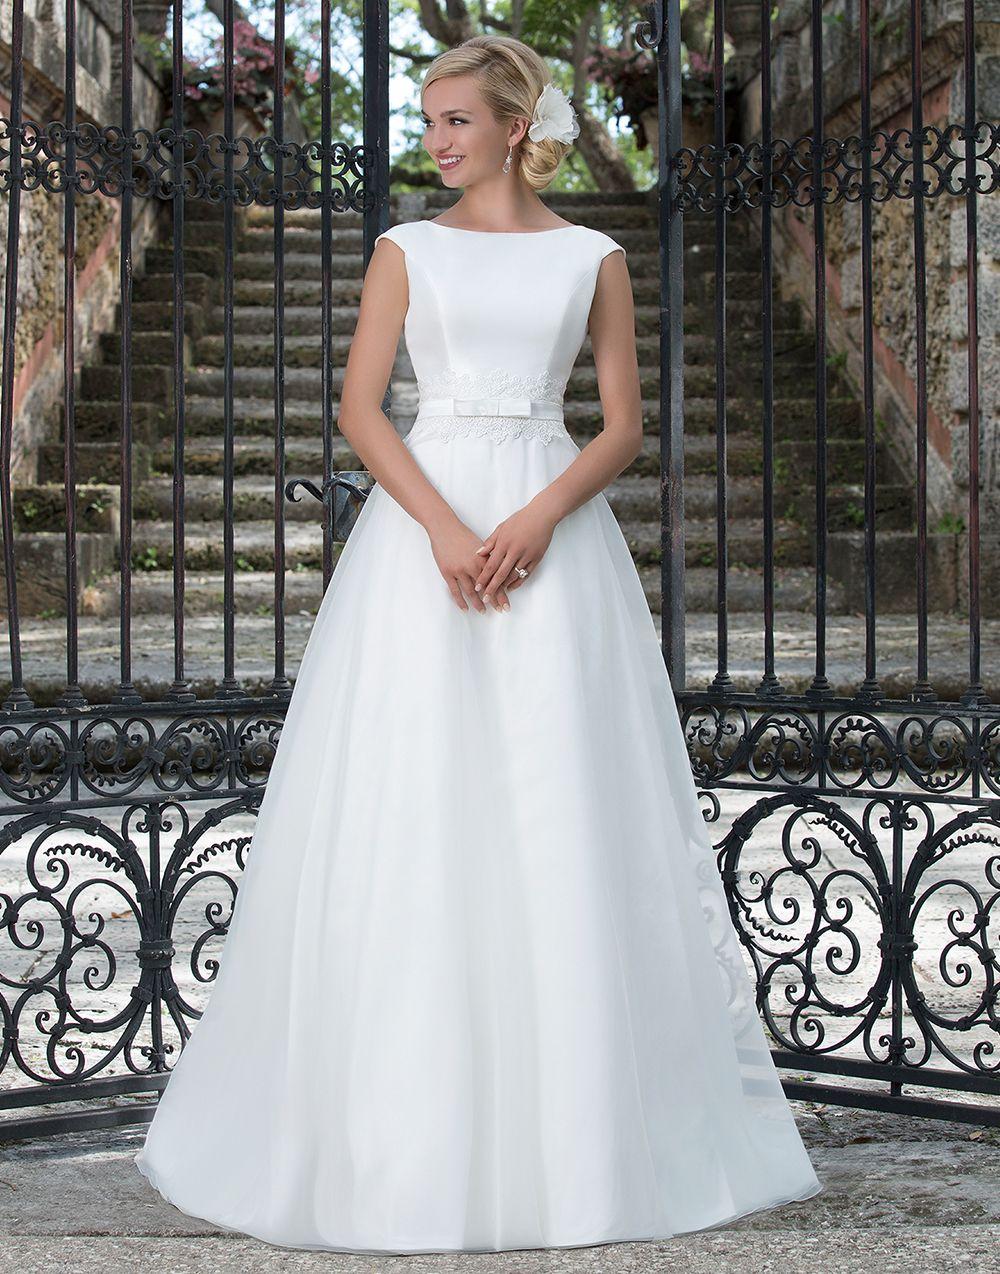 Ziemlich Perth Brautjunferkleider Fotos - Brautkleider Ideen ...